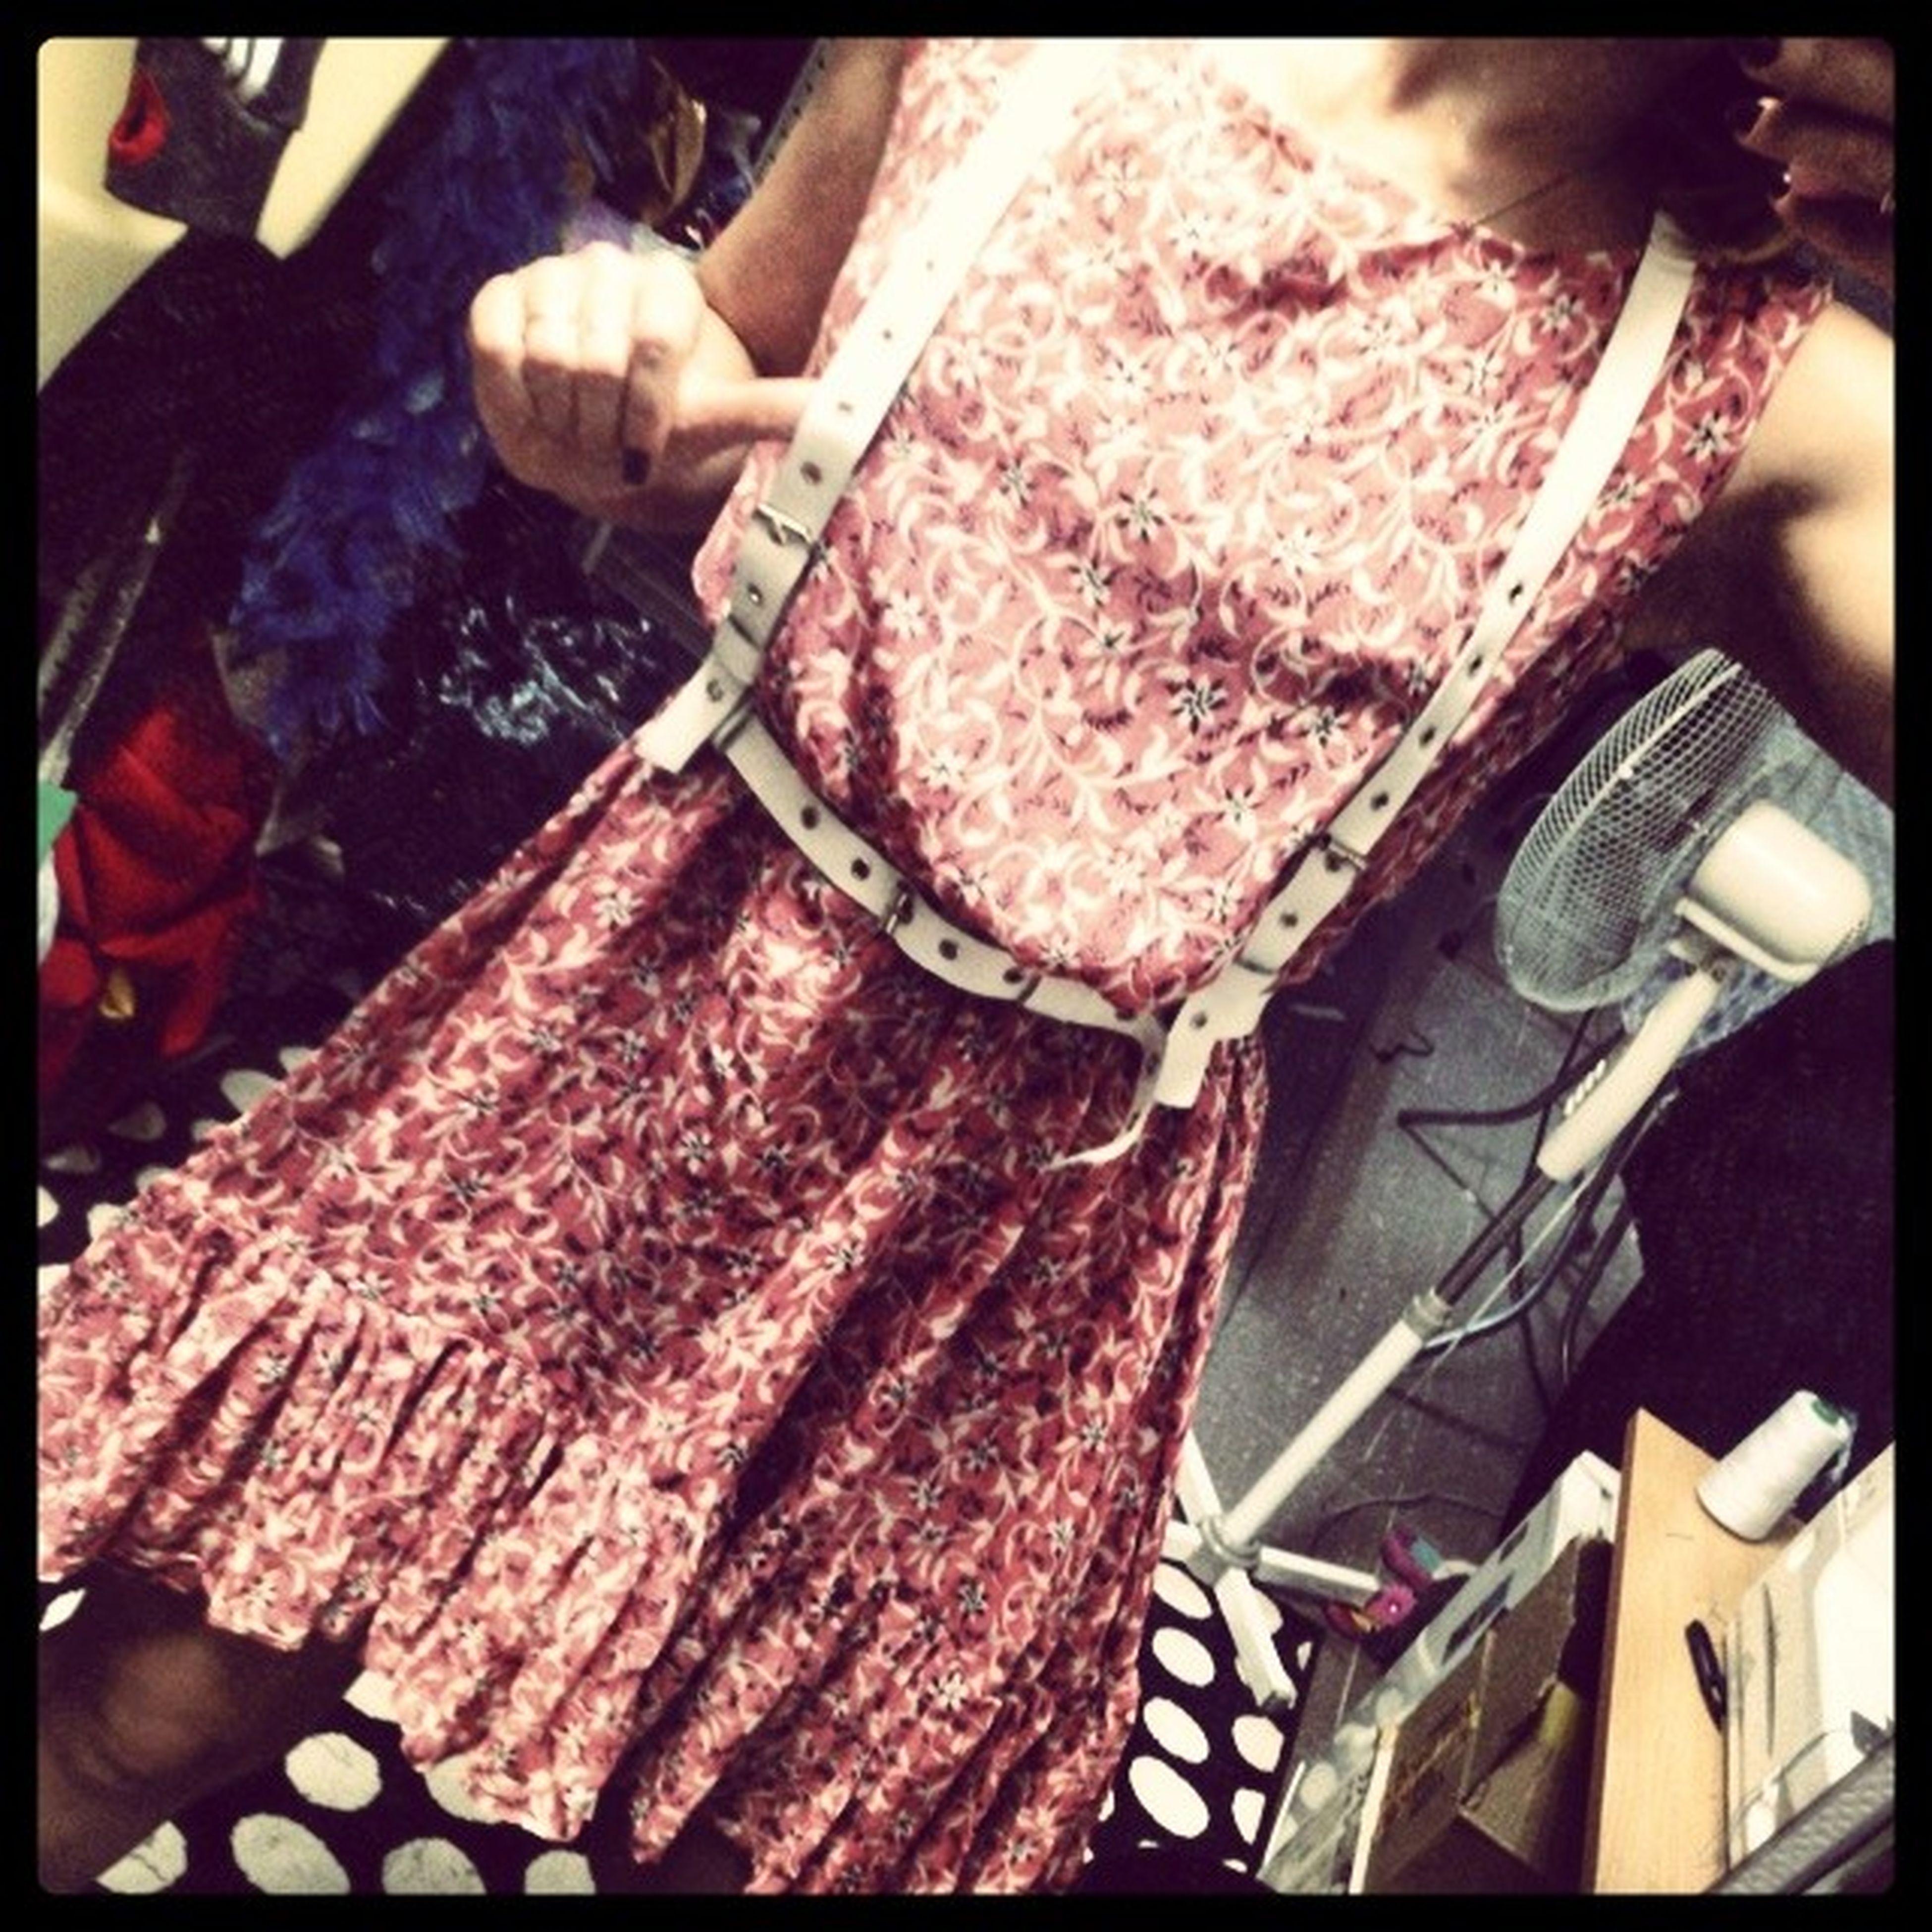 Вовка, обновила сегодня твой подарок и свое платье))) спасибо) люблюподарки отличноенастррение платьеNANI портупеяотвовы